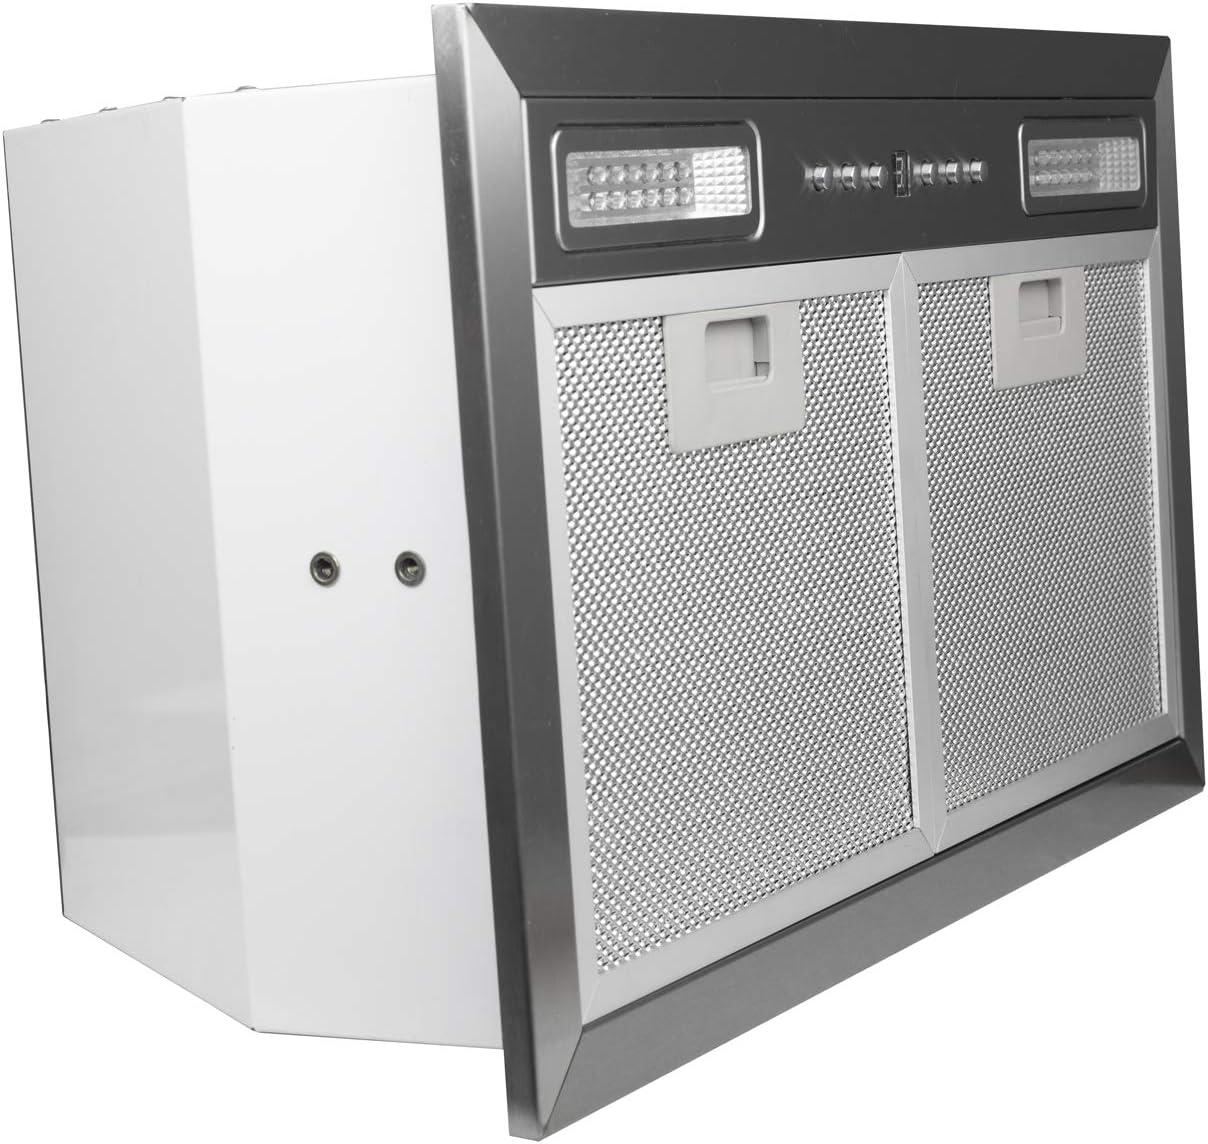 ZLINE 20.5 in 400 CFM Range Hood Insert with LED Lighting in Stainless Steel